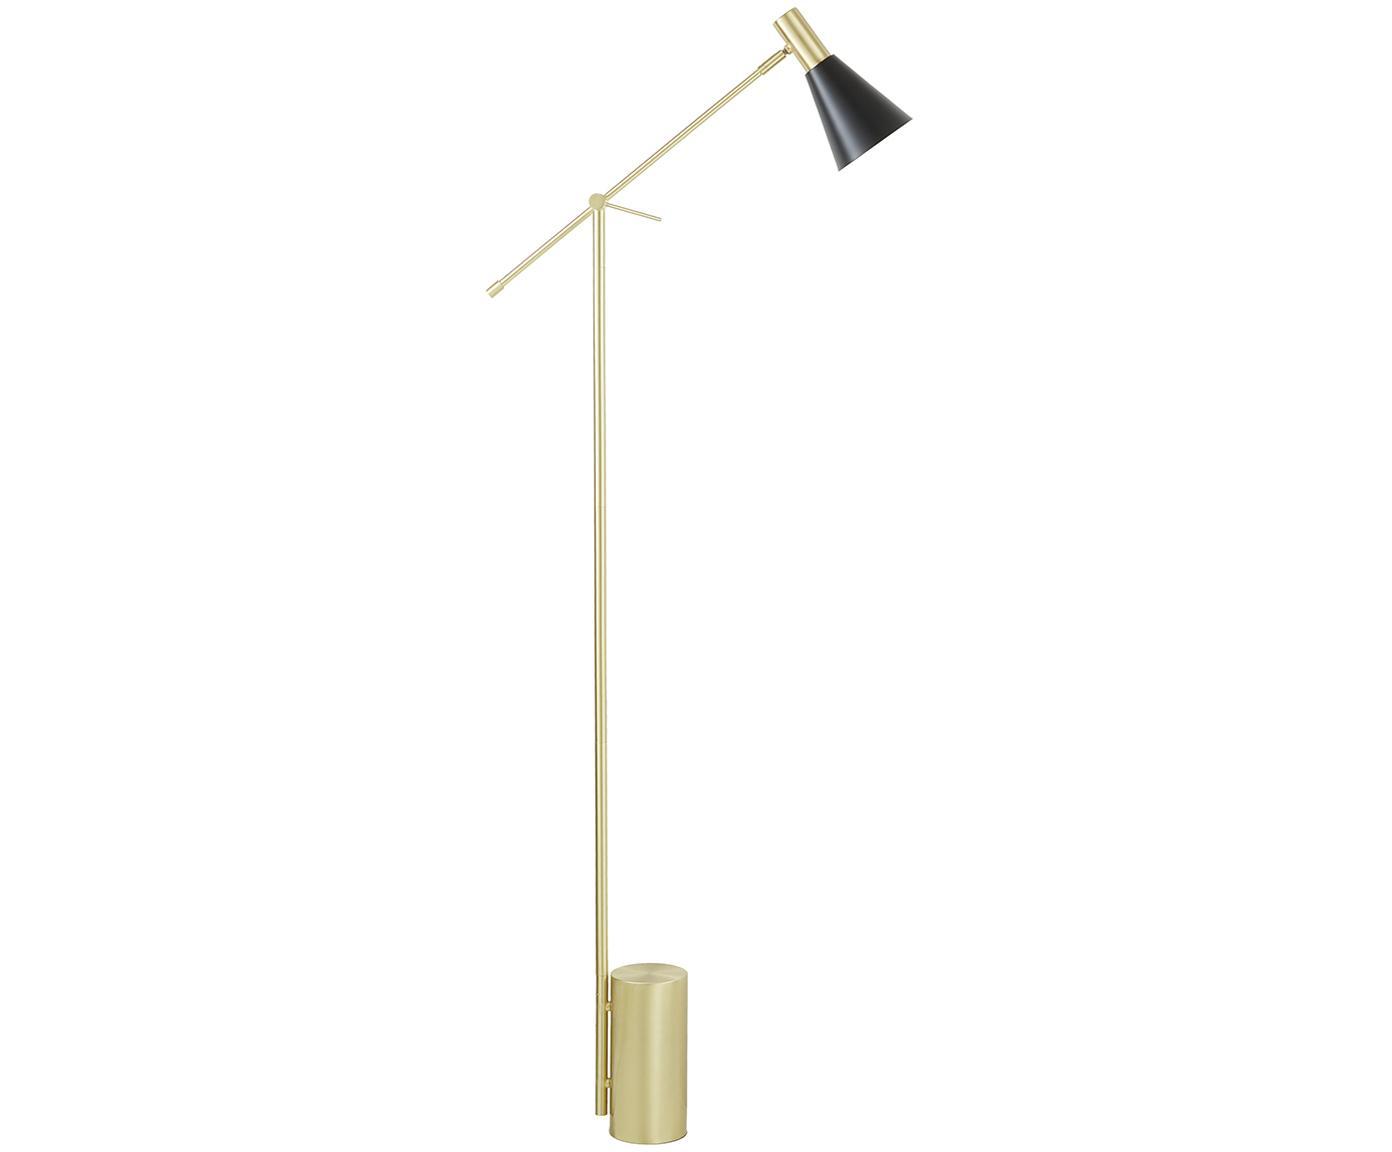 Lampada da terra Sia, Paralume: Metallo verniciato a polv, Base della lampada: Metallo ottonato, Nero, Ø 14 x Alt. 162 cm